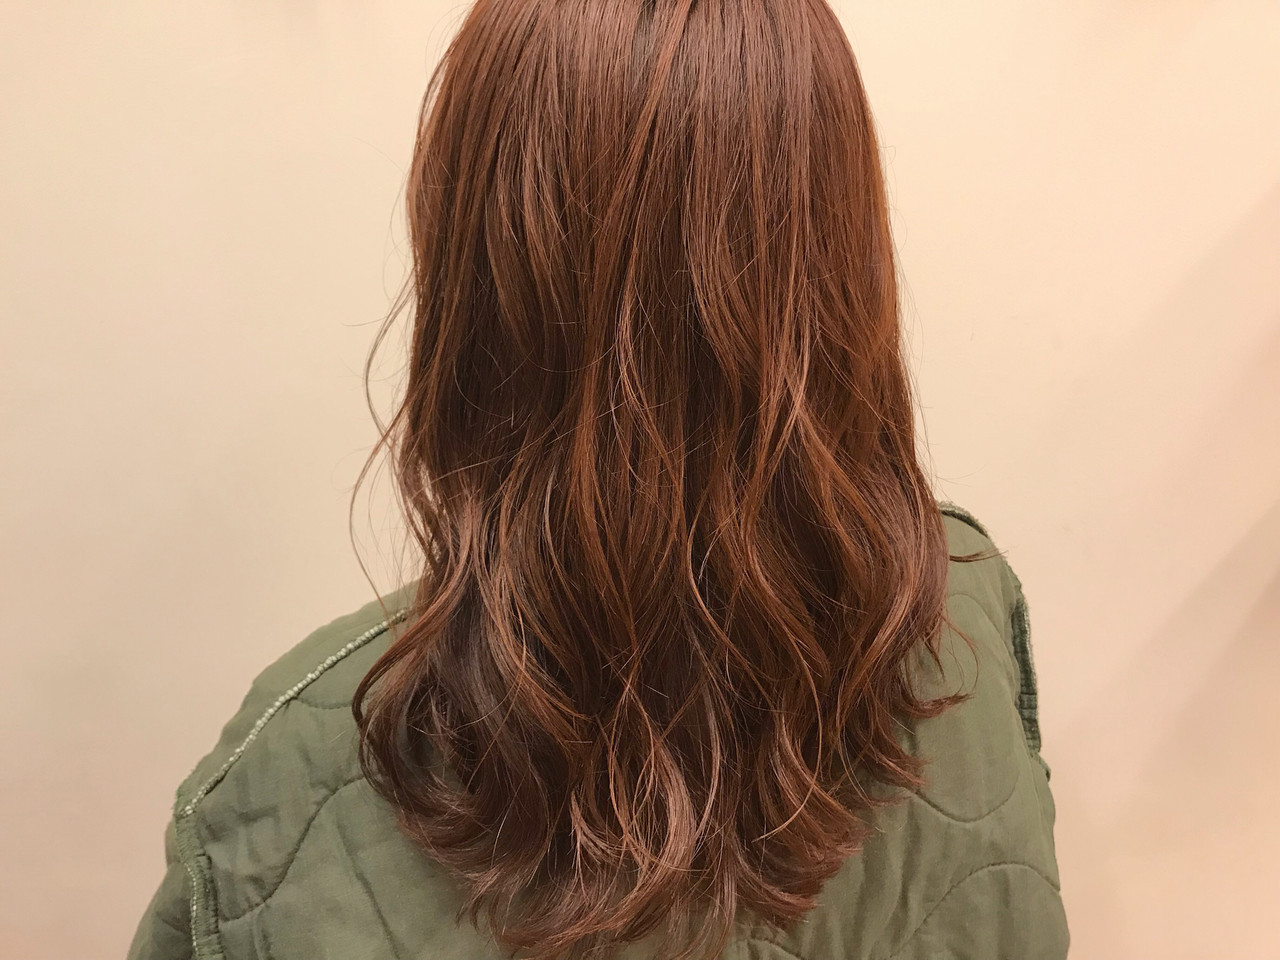 スポーツ オレンジブラウン オレンジ アウトドア ヘアスタイルや髪型の写真・画像